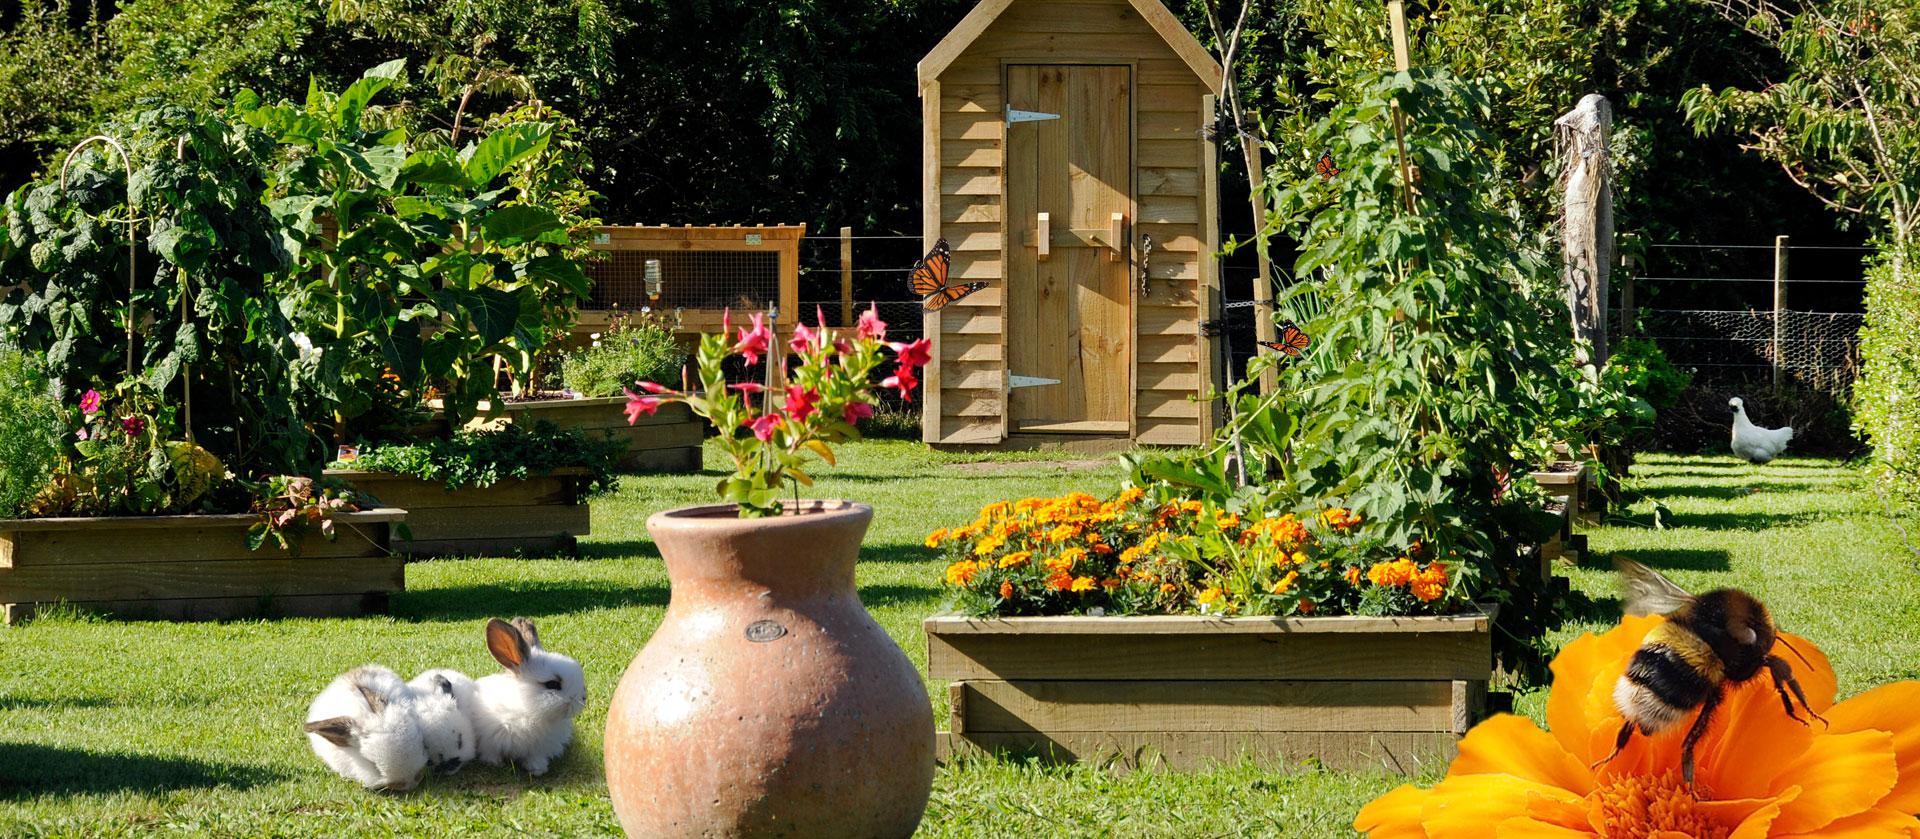 McGregor's Garden (Peter Rabbit)